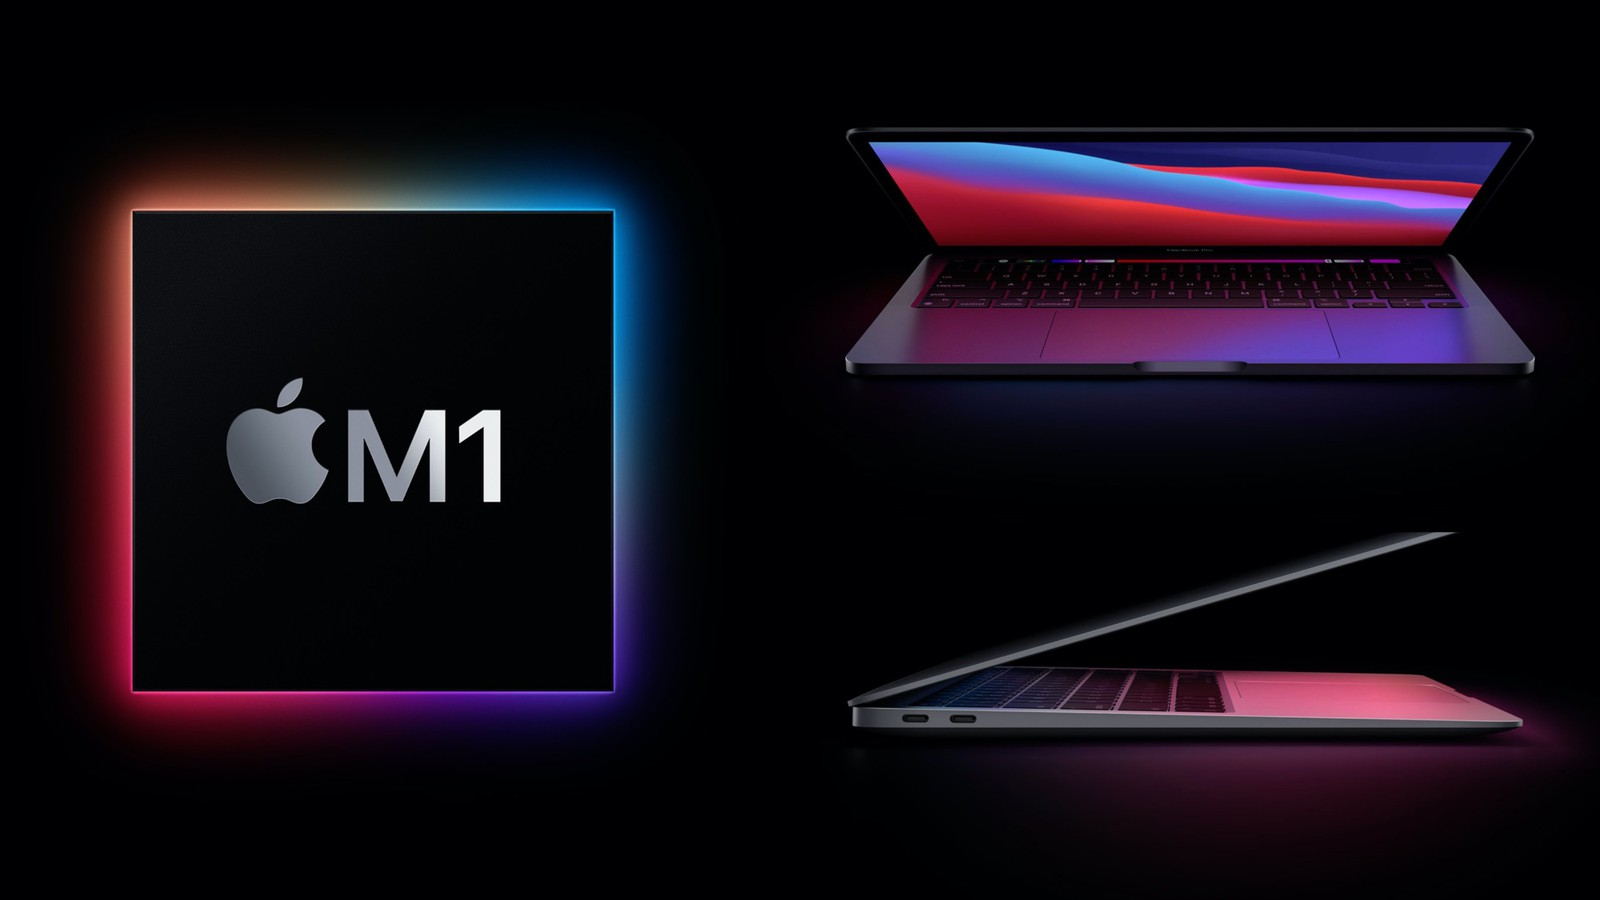 Apple giới thiệu chi tiết về MacBook Air, MacBook Pro và Mac Mini mới – tất cả đều được trang bị chip M1